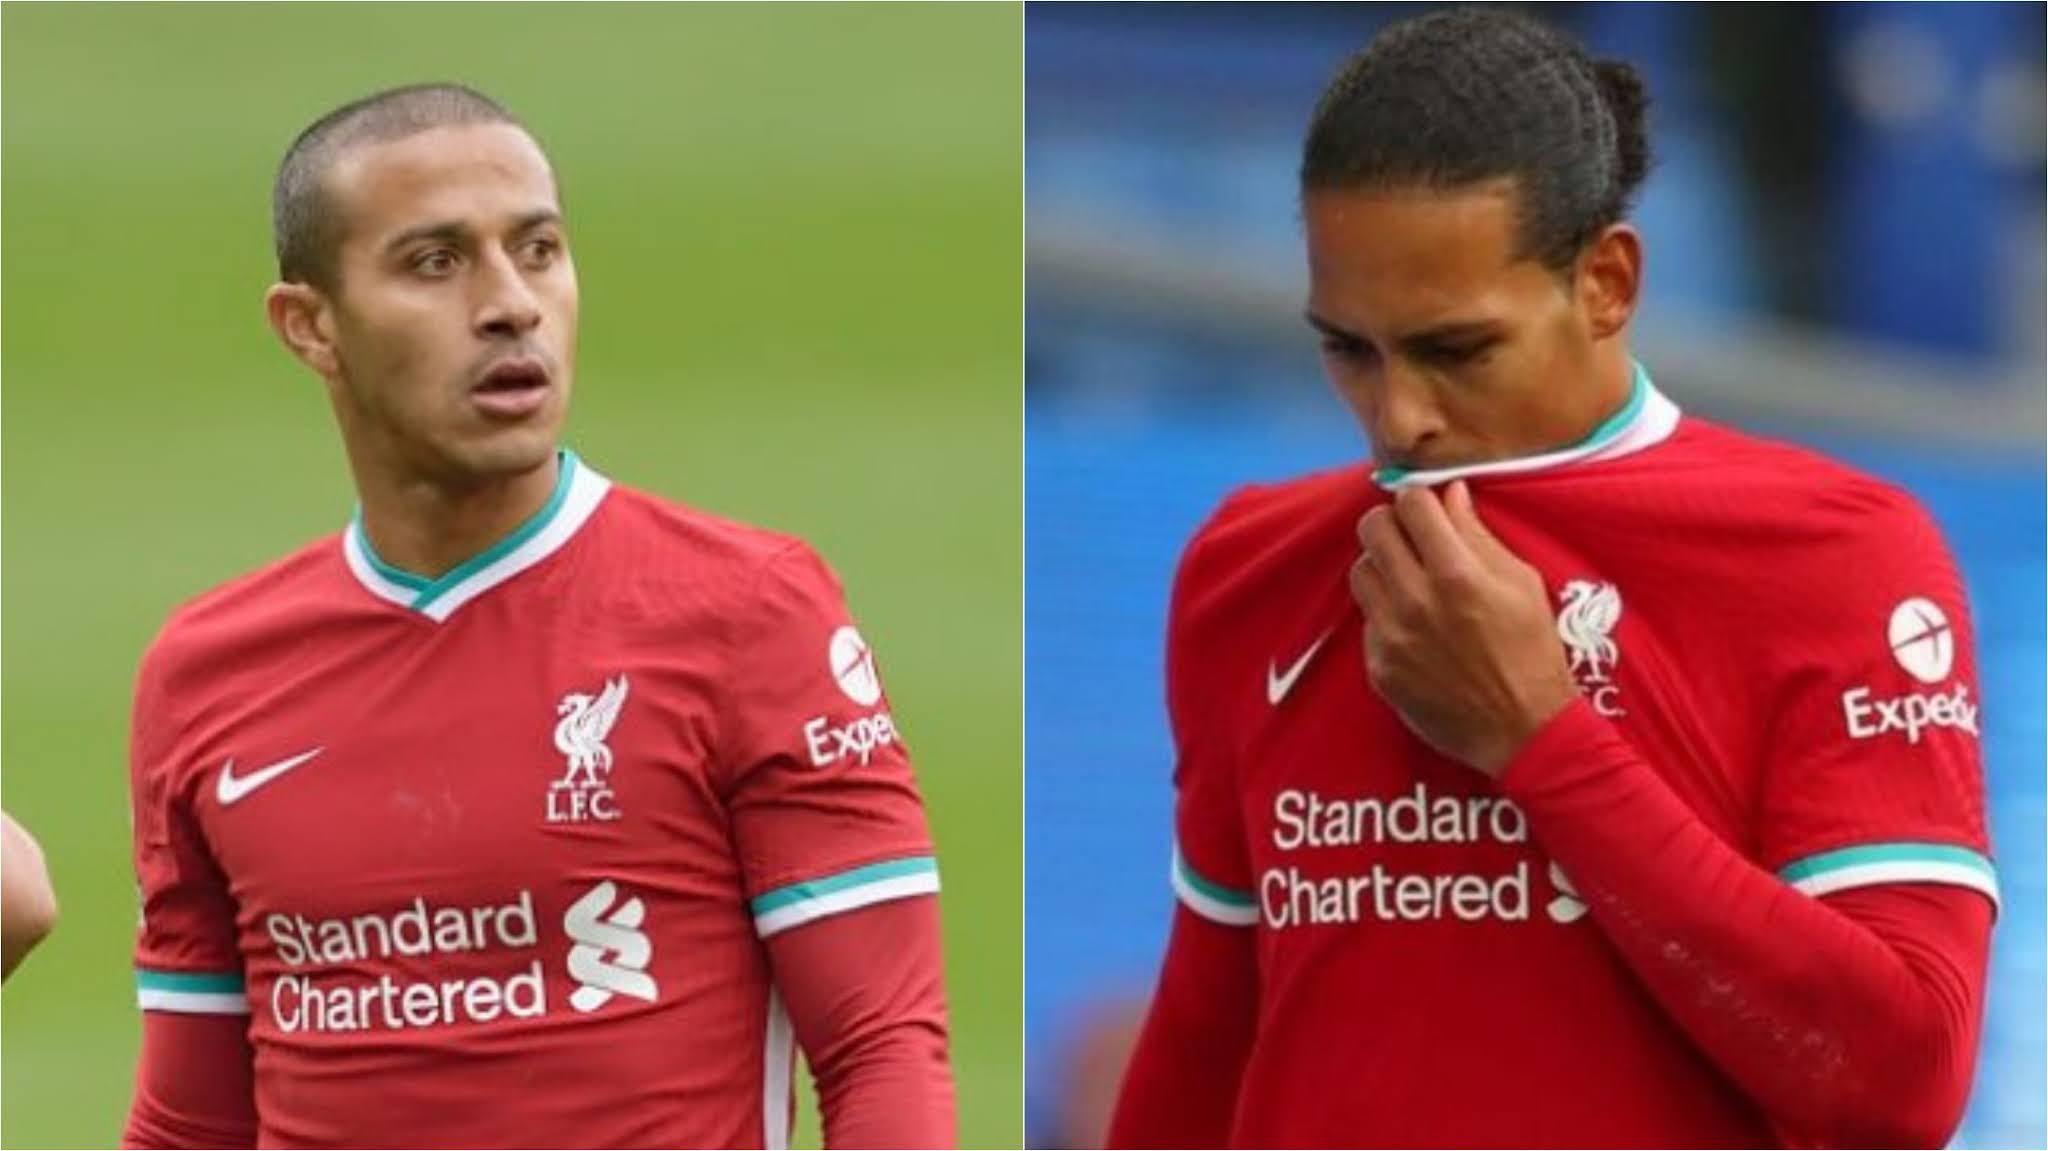 Virgil van Dijk and Thiago Alcantara may return early from injury.